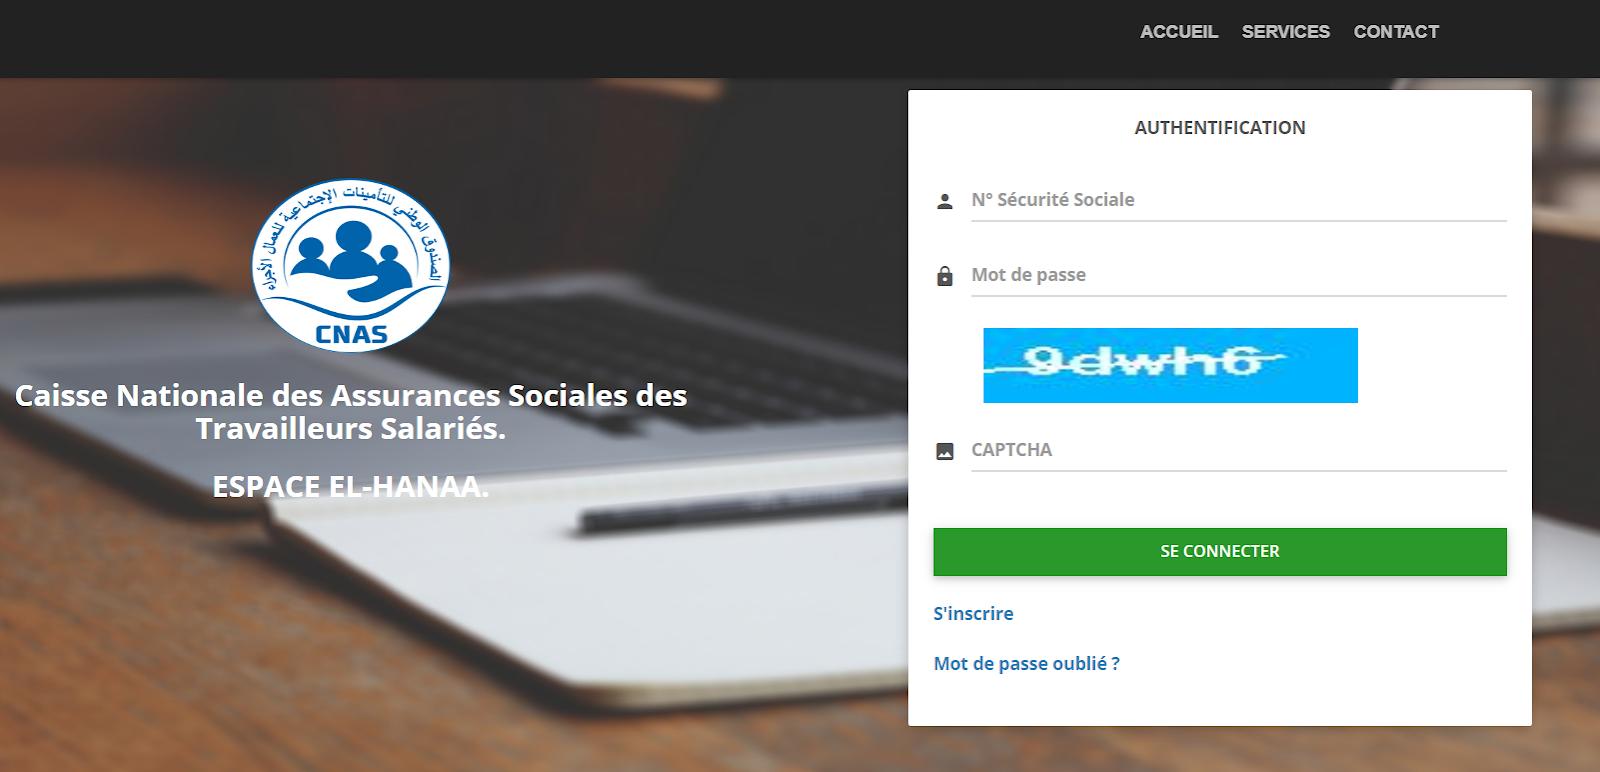 طريقة التسجيل في موقع الضمان الاجتماعي الجزائري elhana inscription 9